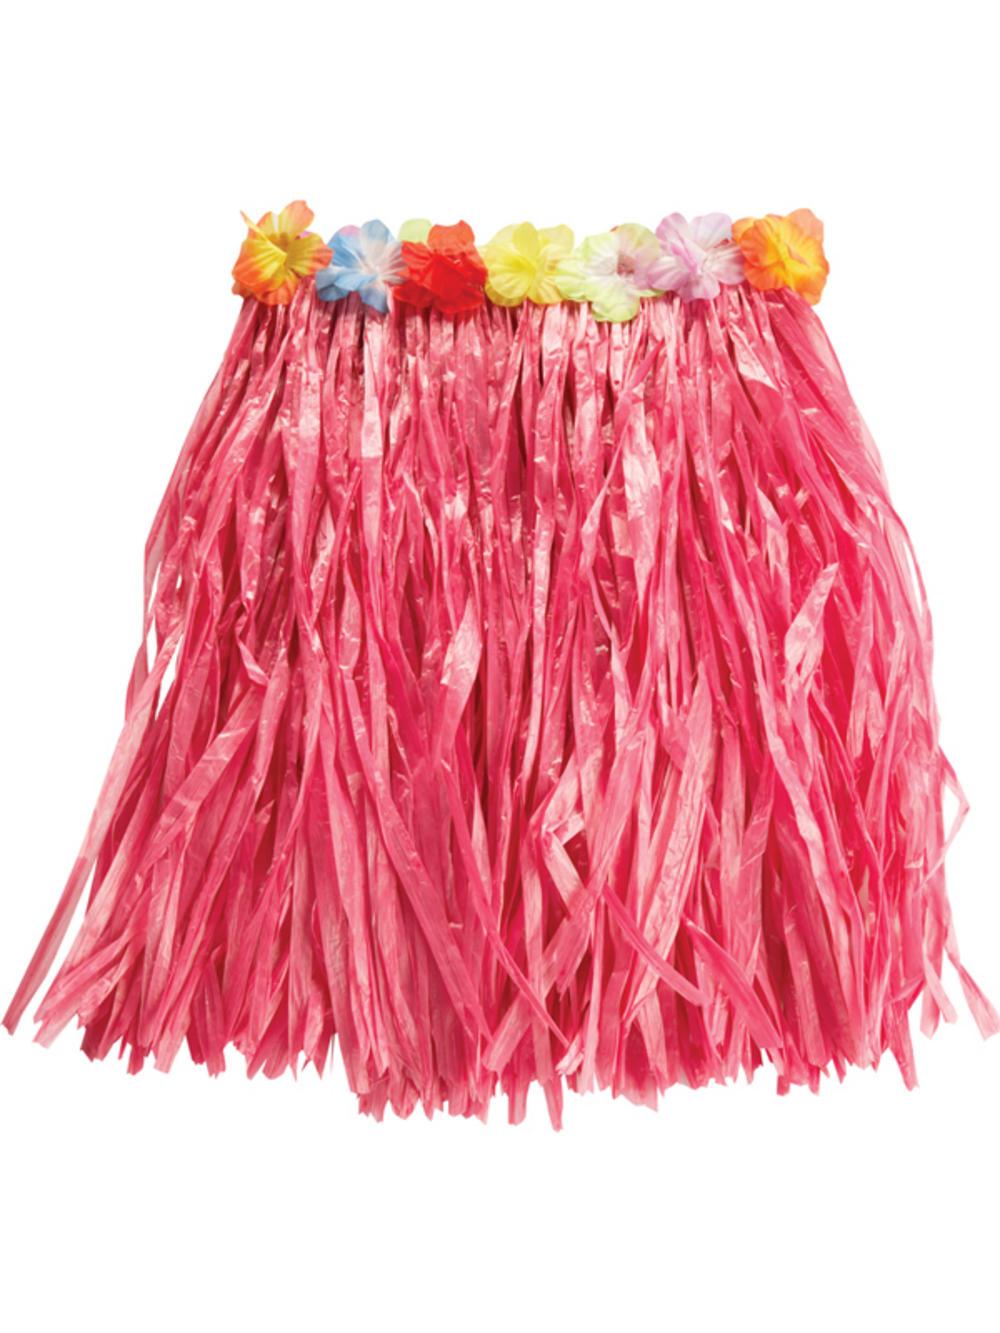 Pink Grass Skirt 45